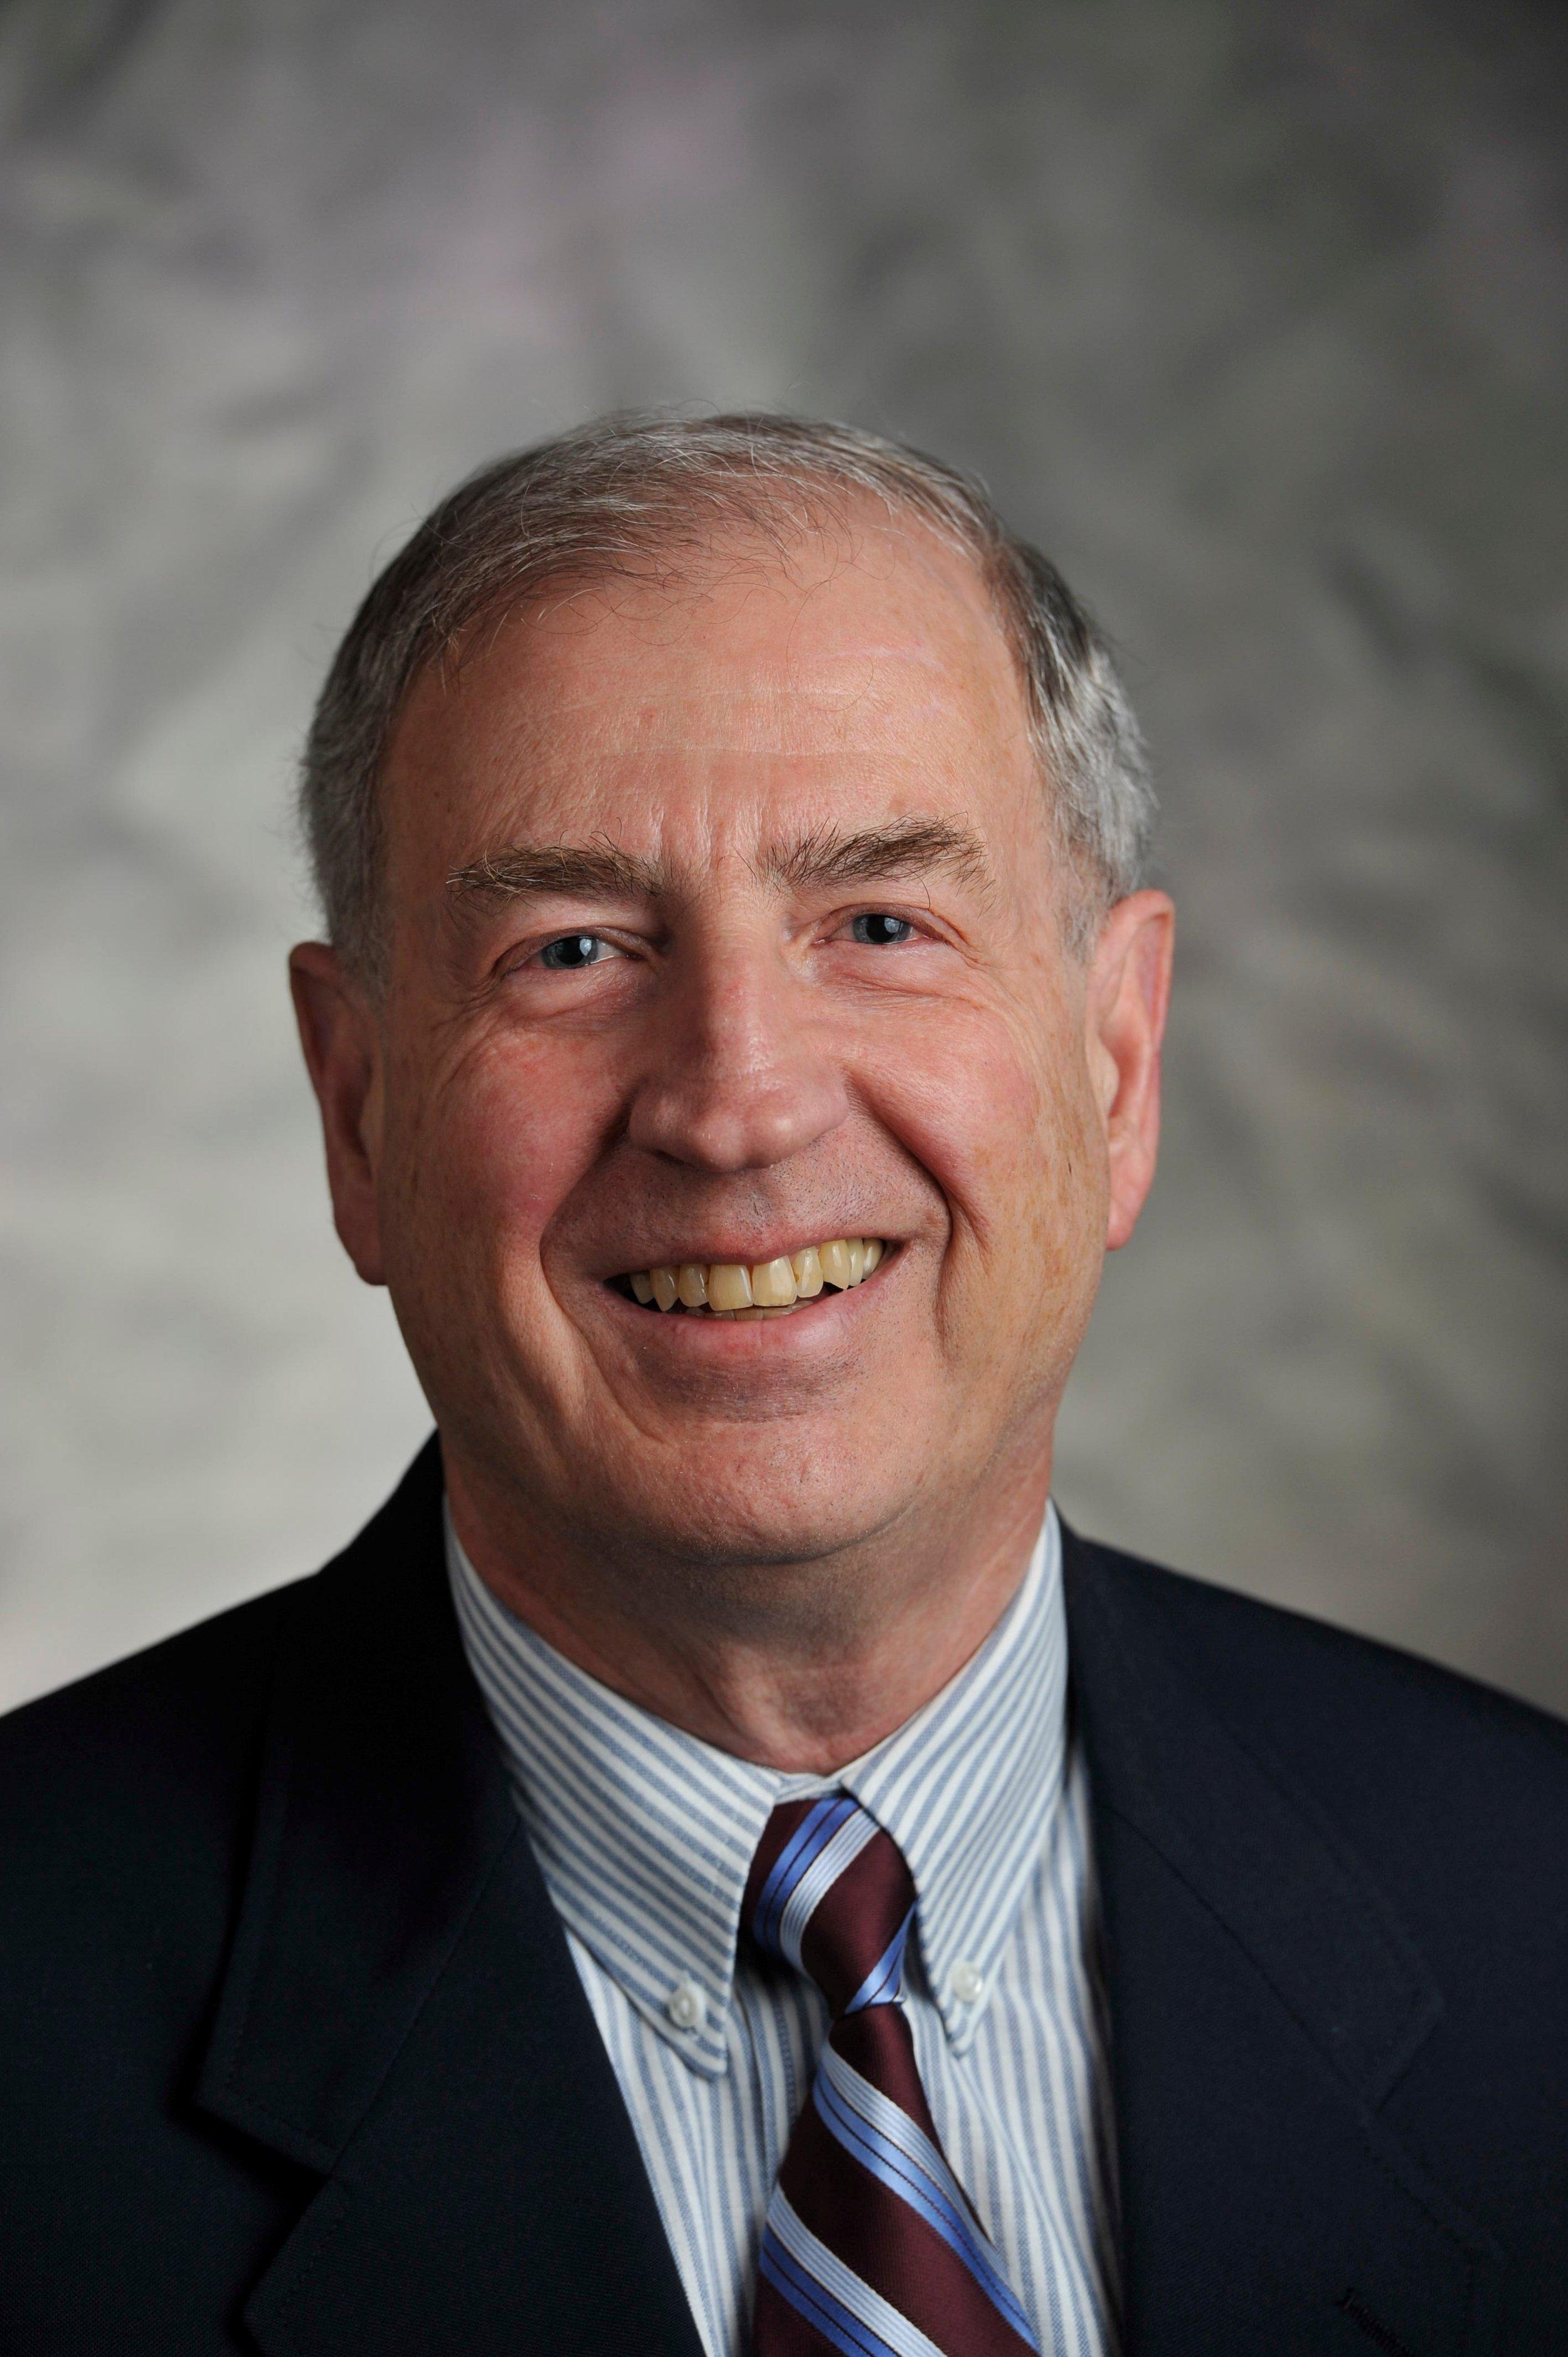 ROBERT W. SHAW, PhD